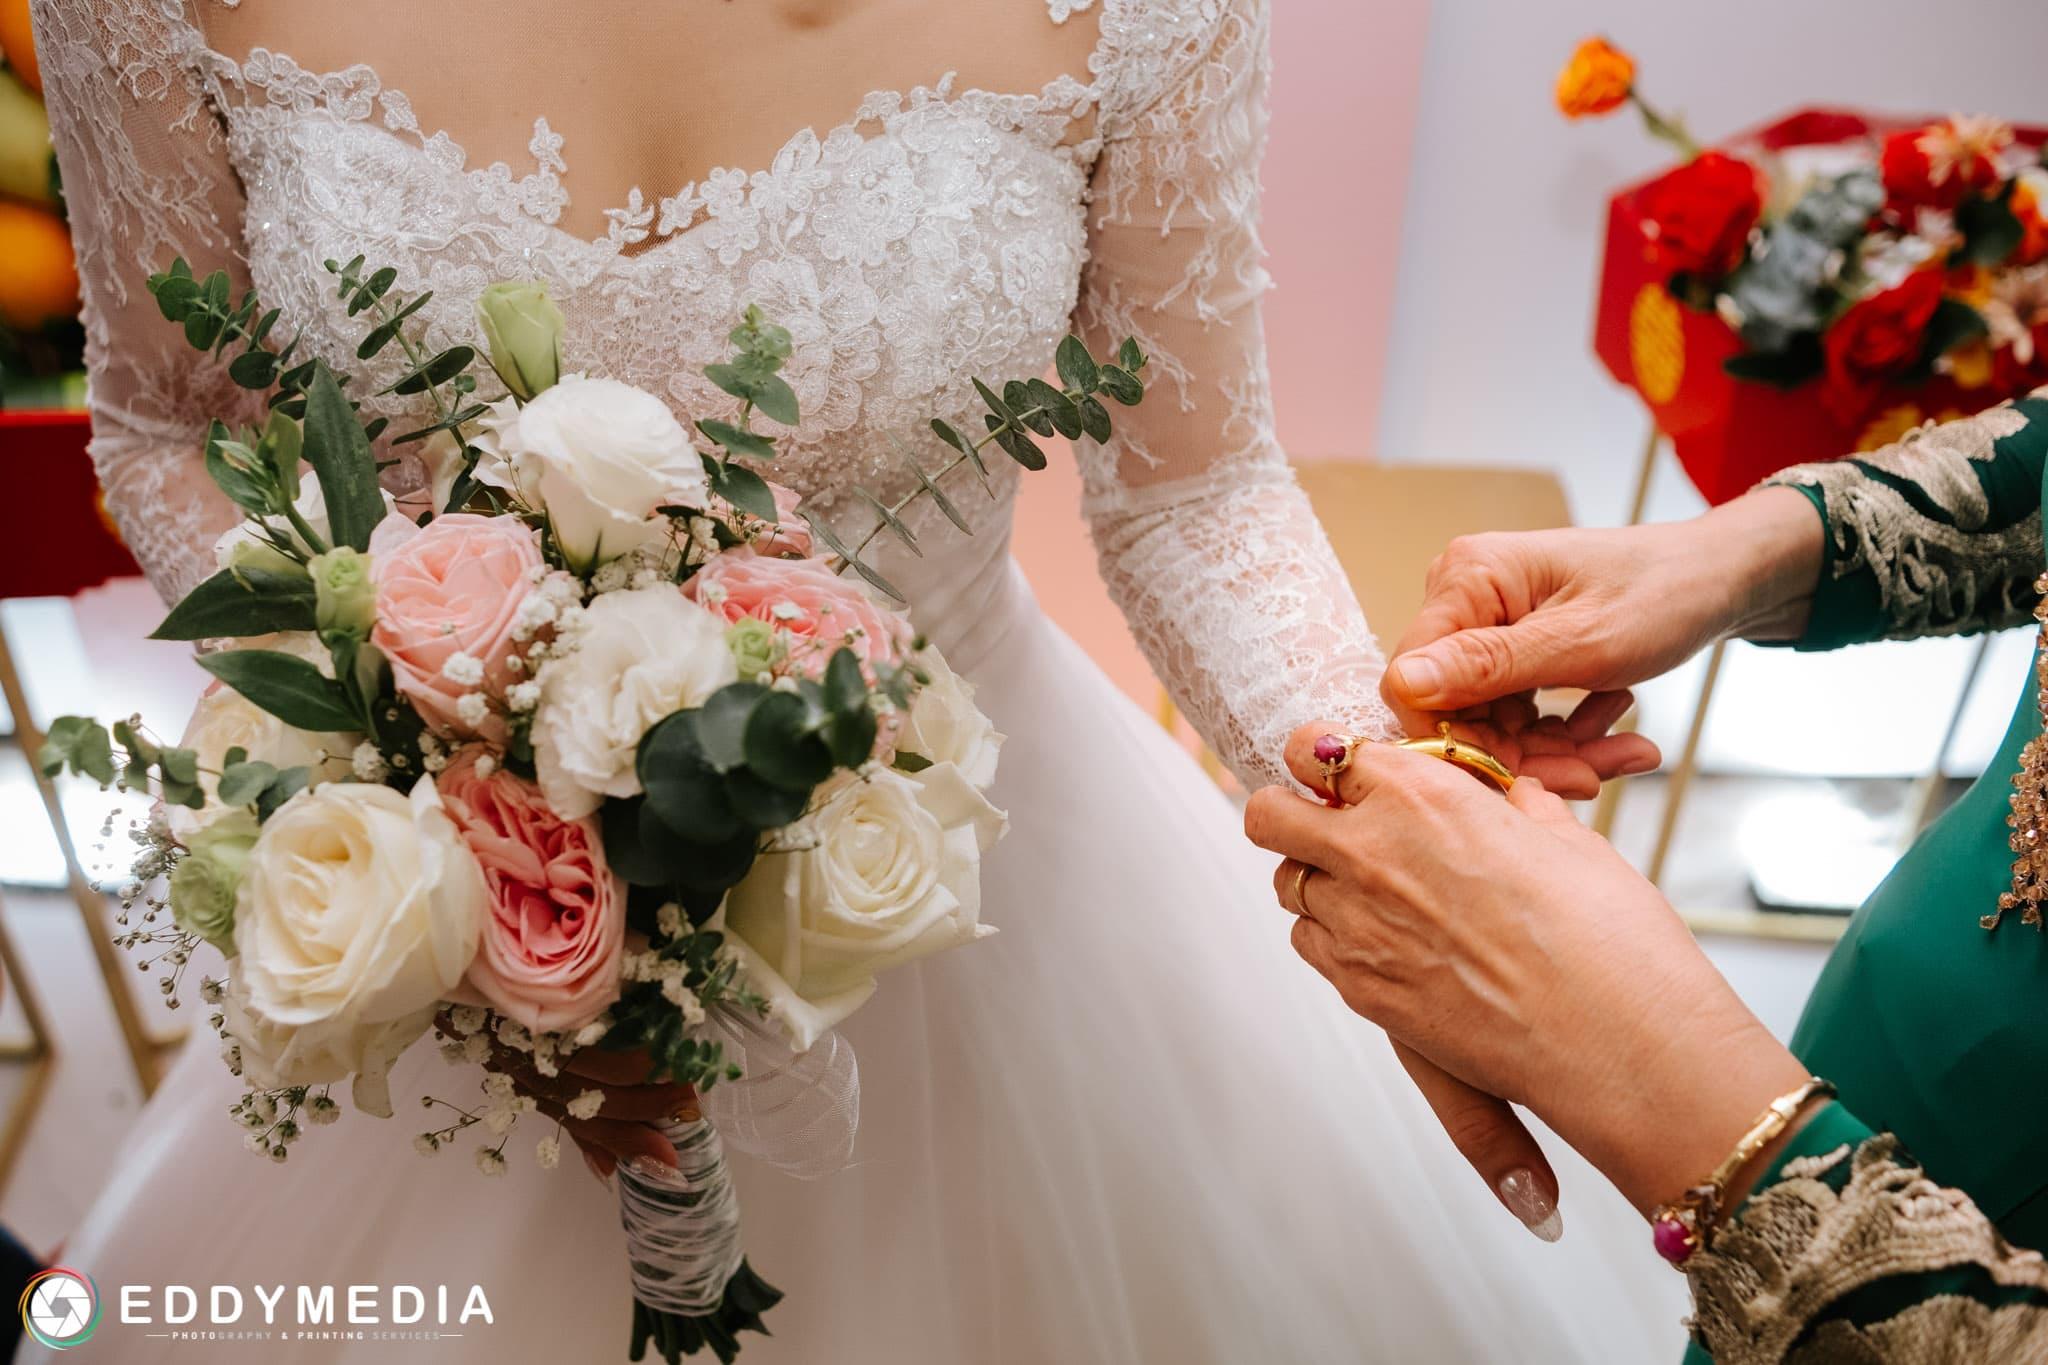 đám cưới nên tặng gì